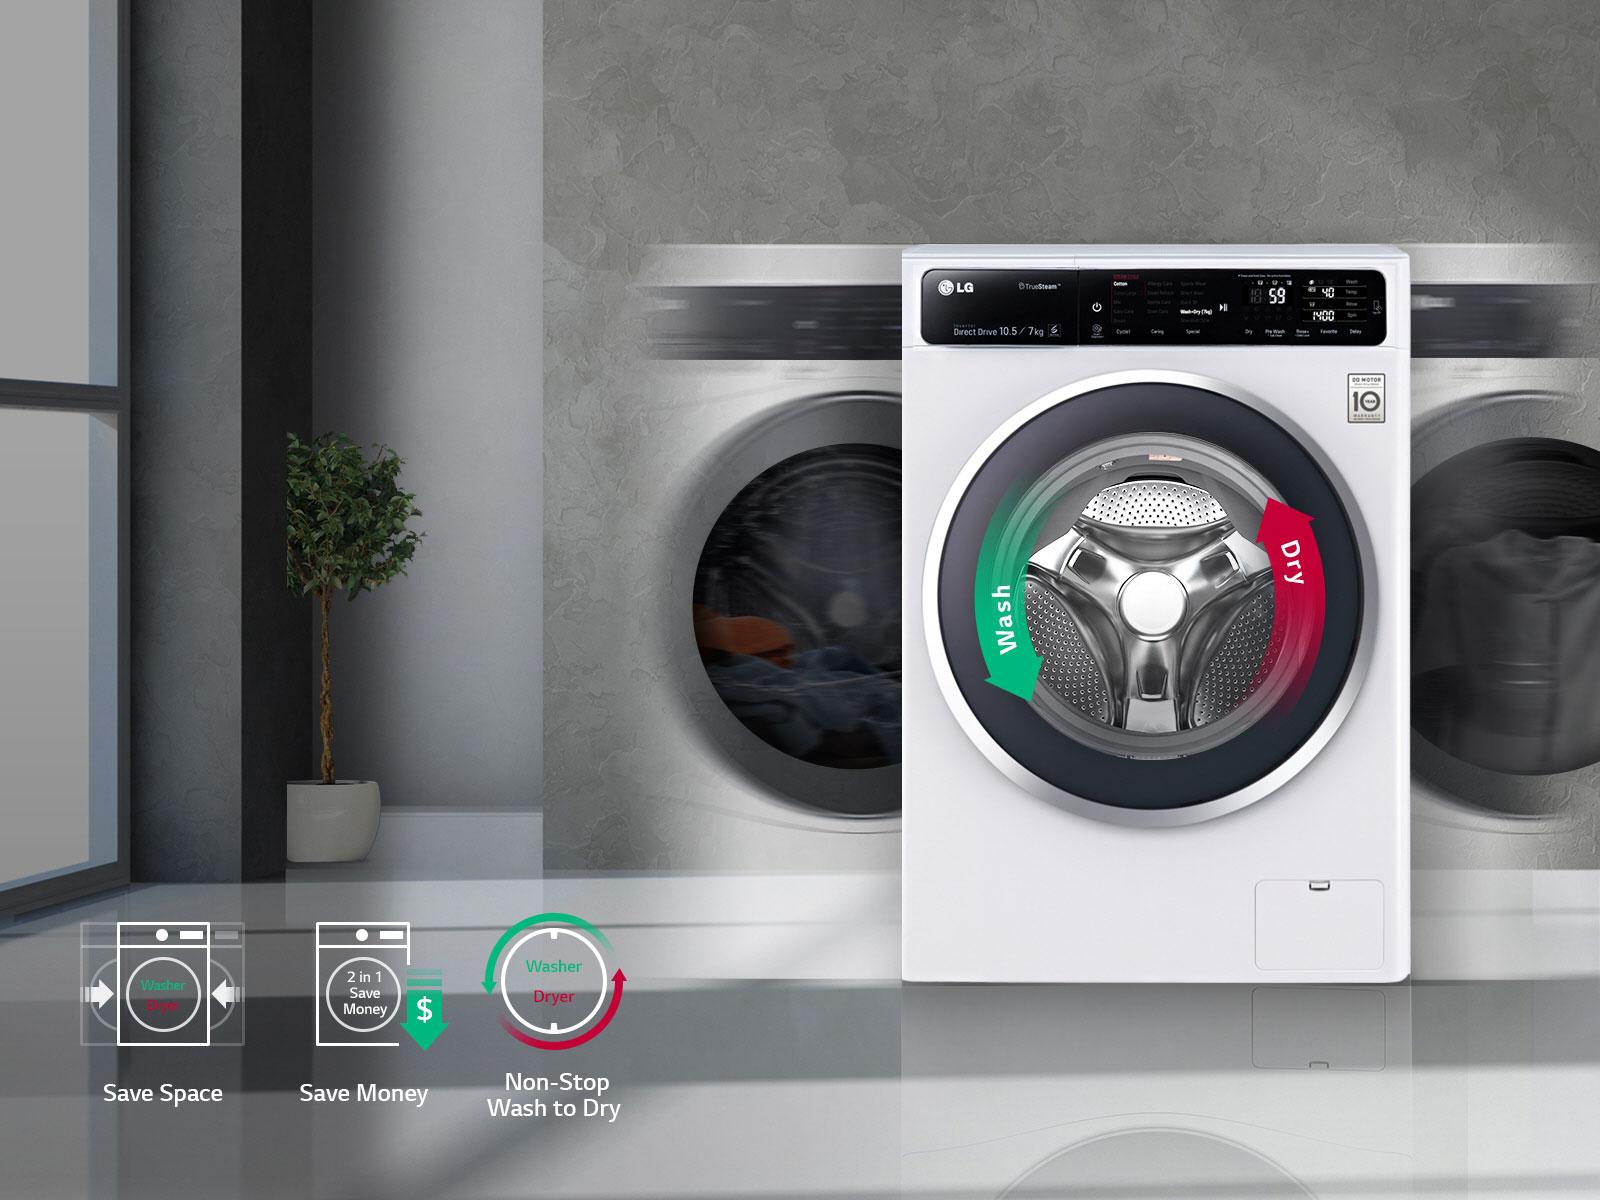 ماشین لباسشویی ال جی مدل WM-1057CW ظرفیت 10.5 کیلوگرم